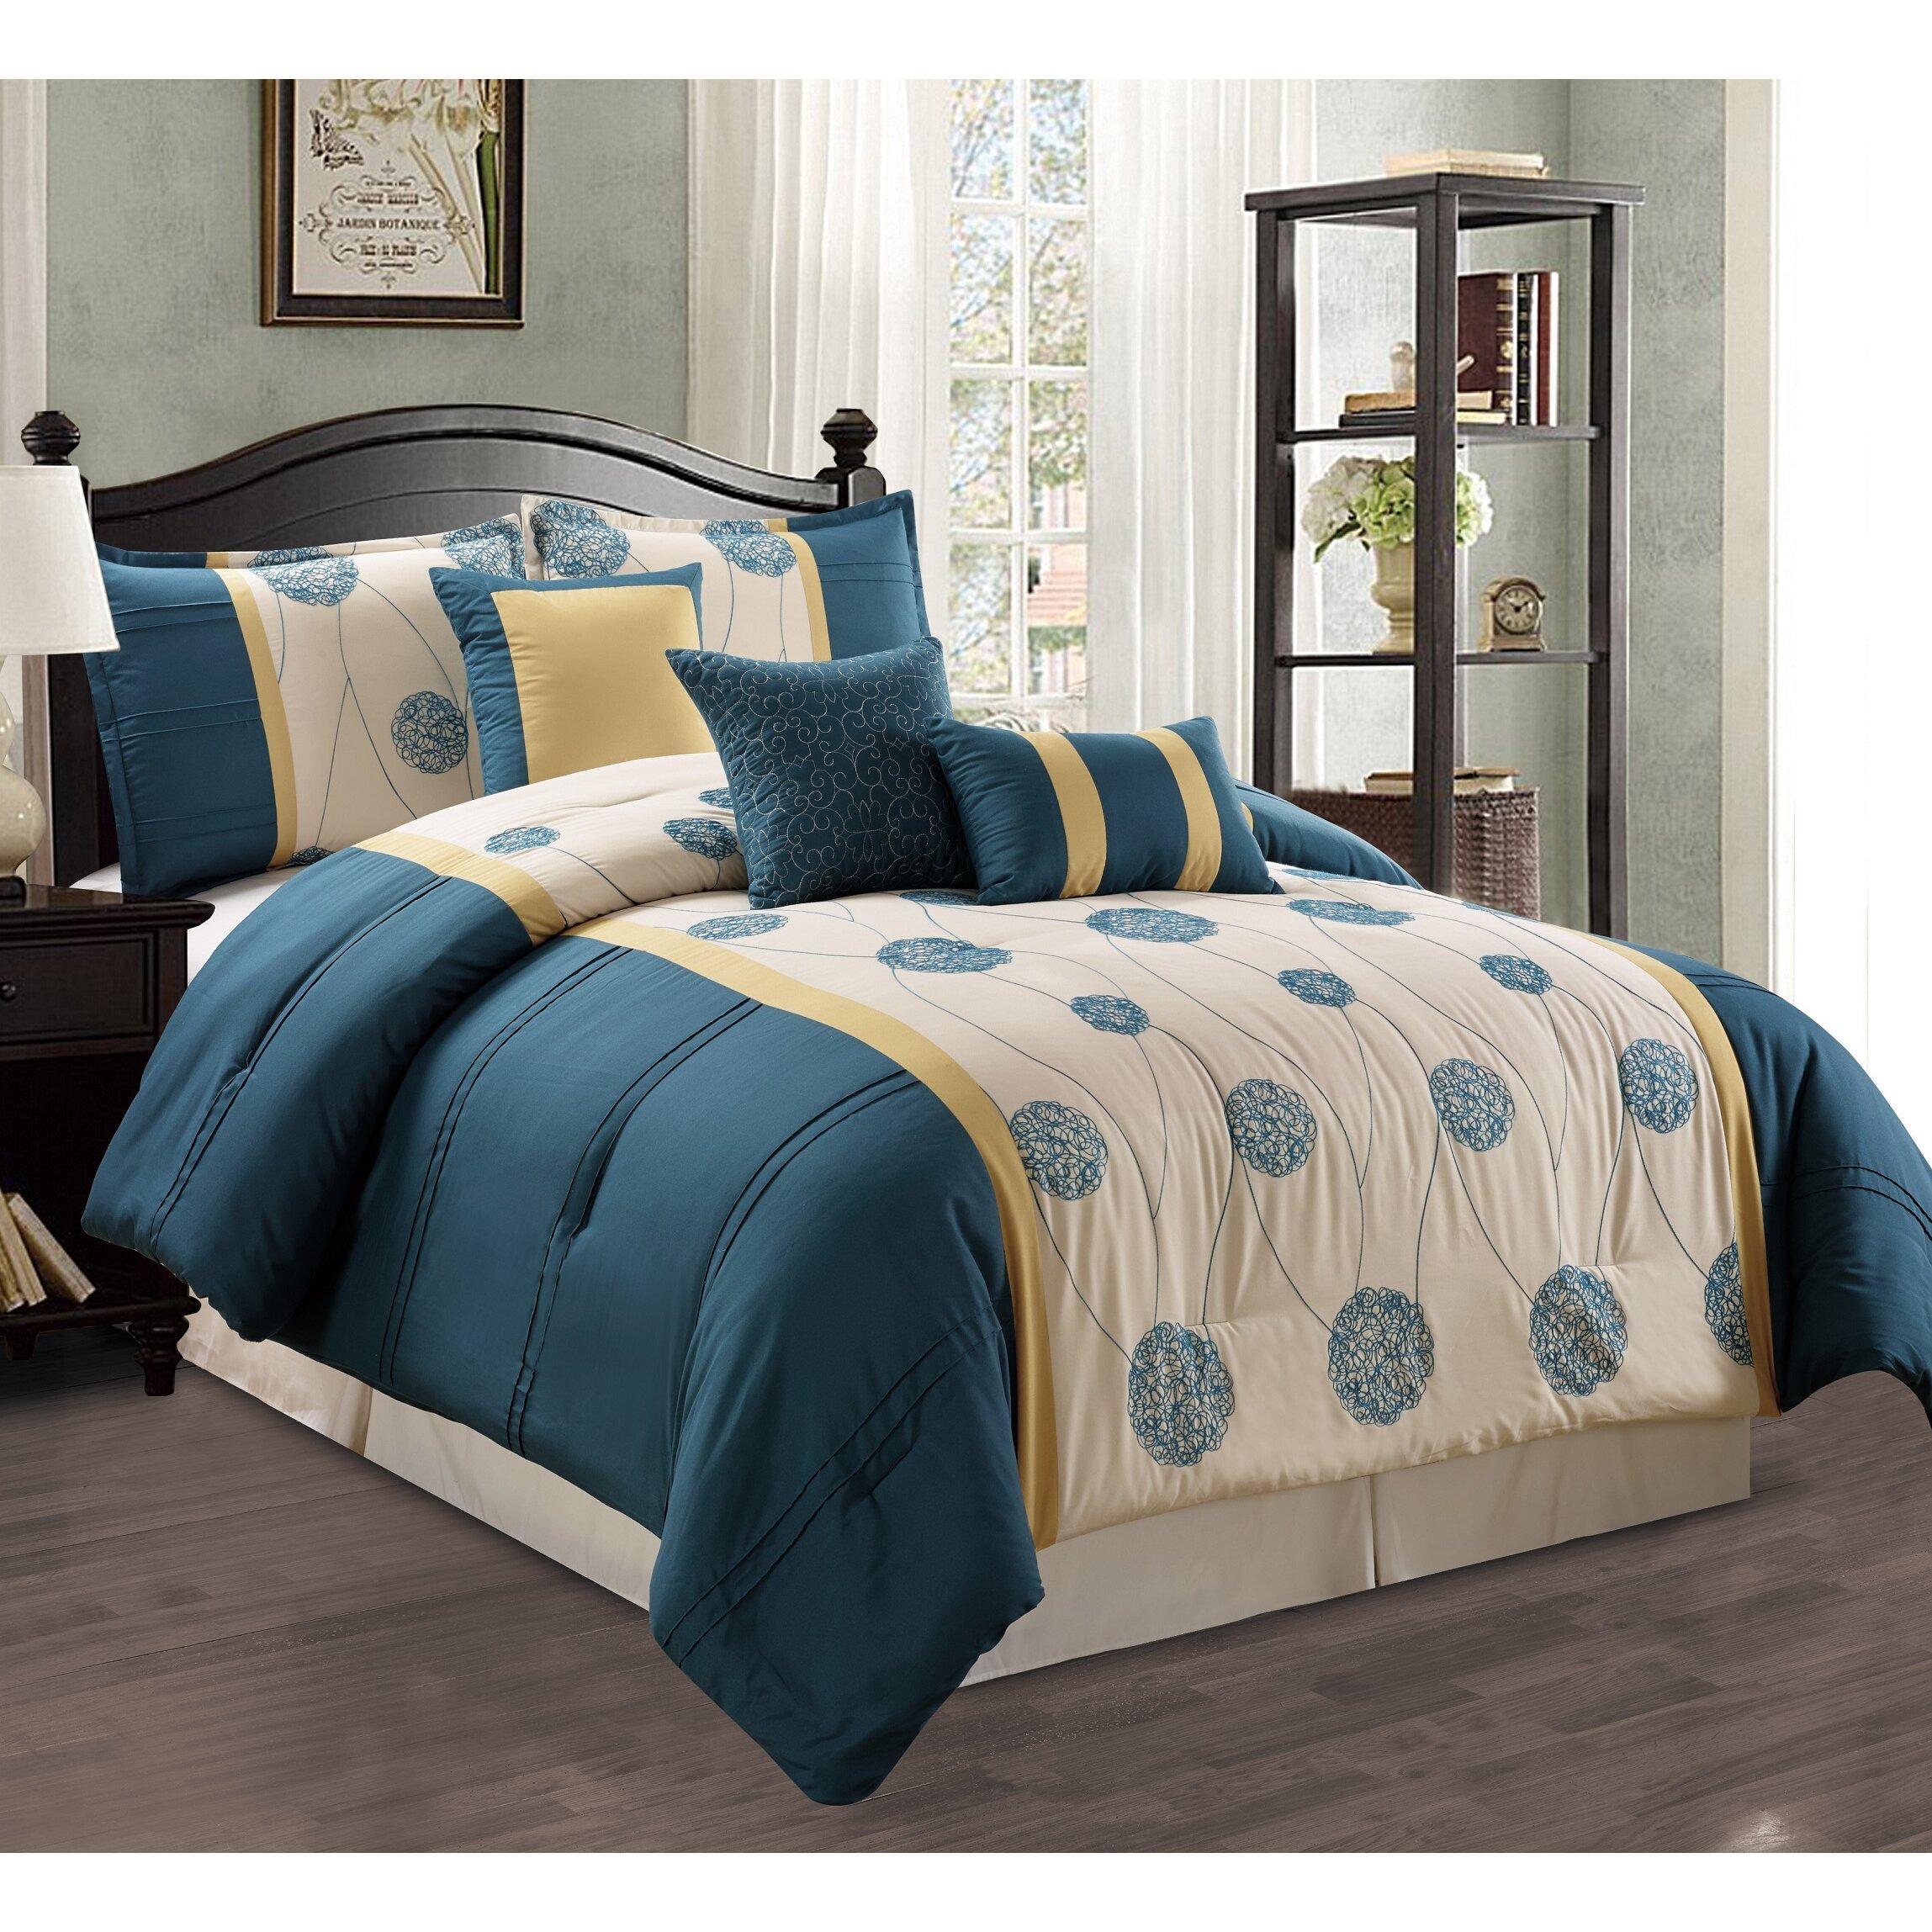 morgan home elizabeth 7 piece comforter set